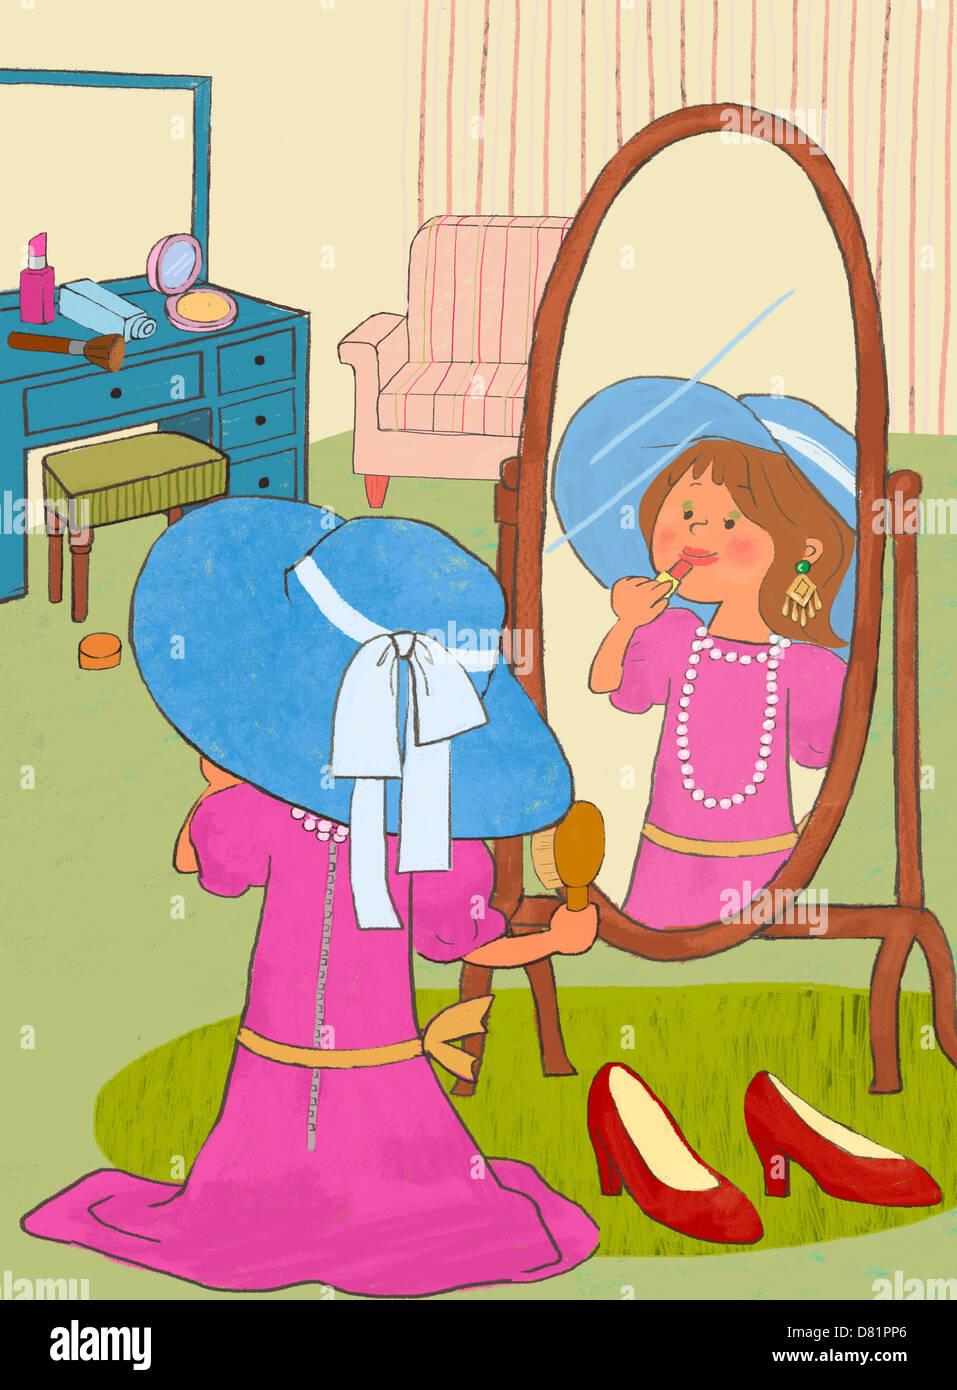 Una illustrazione di un bambino a giocare. Immagini Stock